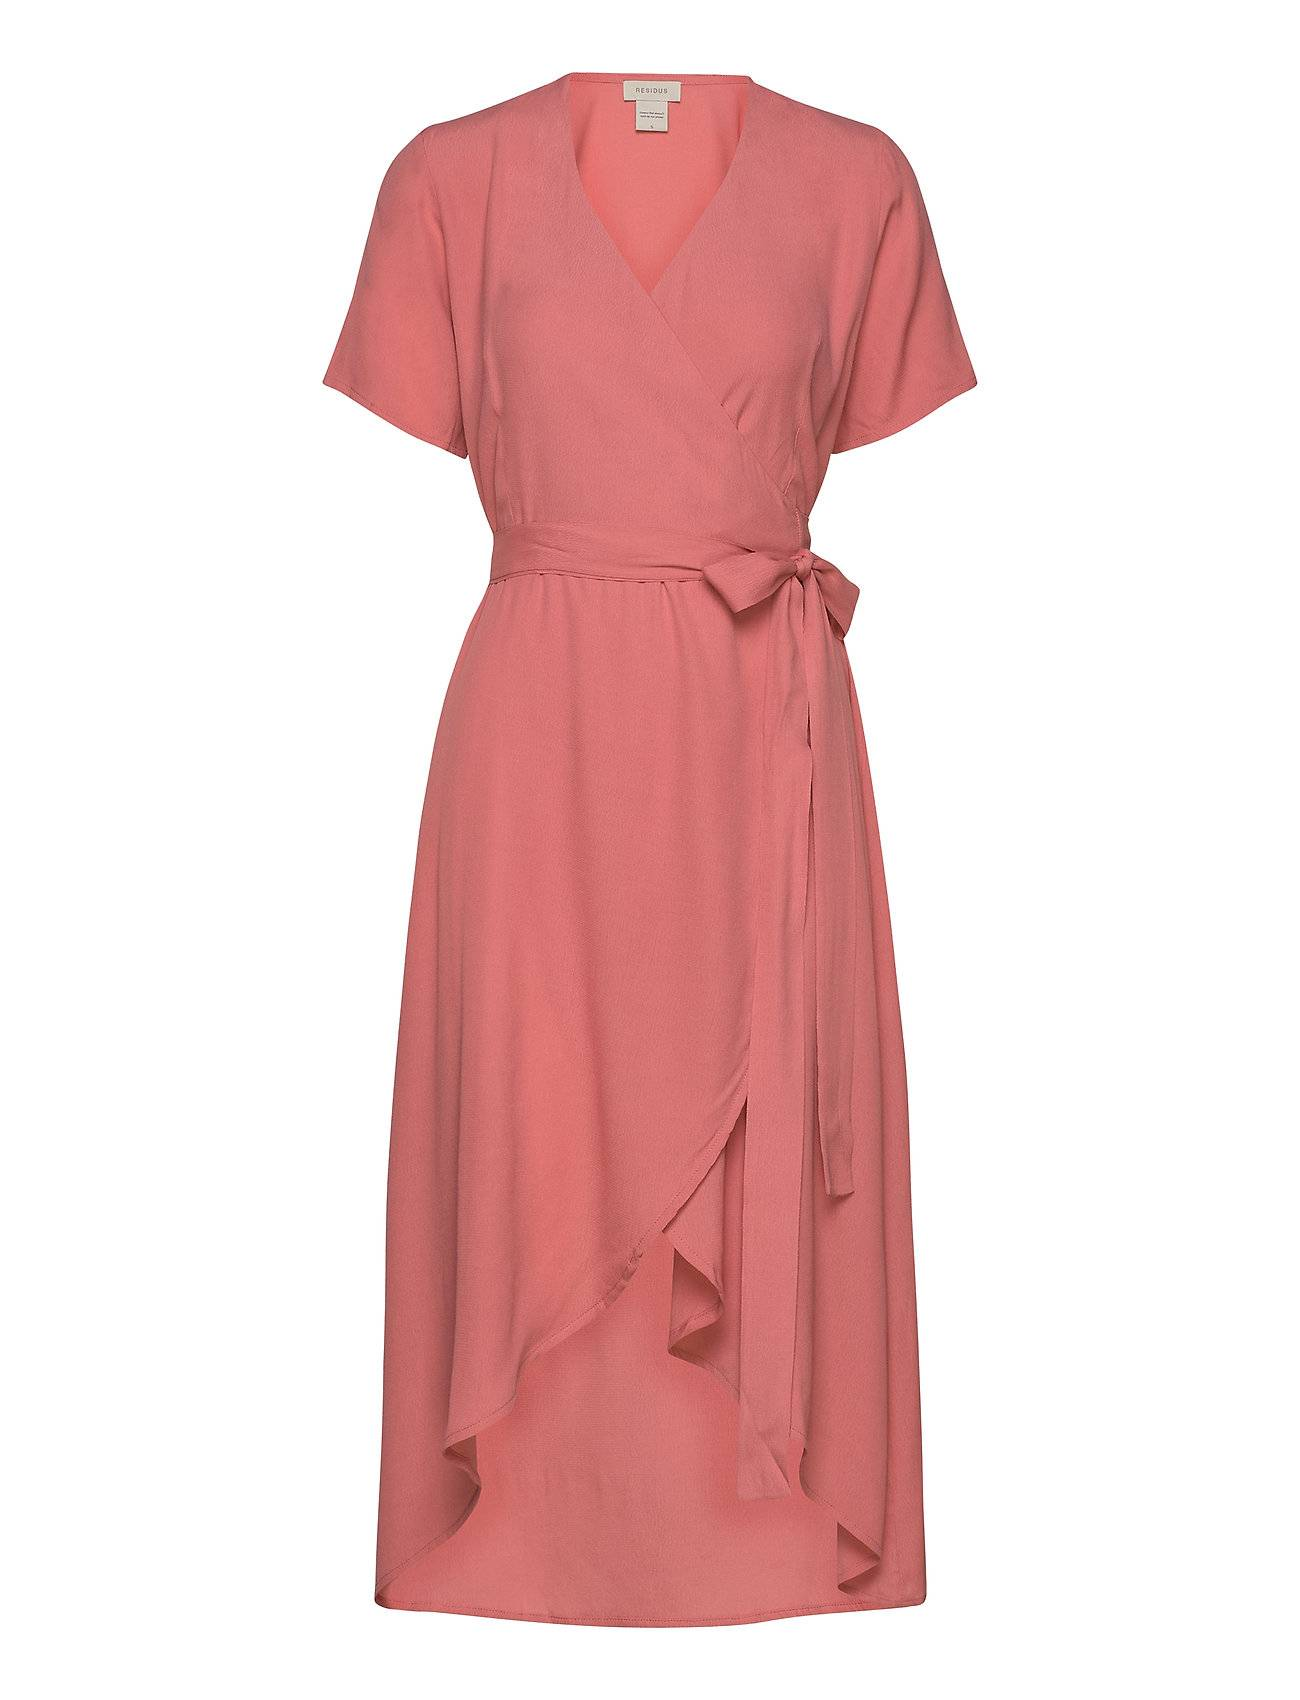 Residus Melanie Wrap Dress Polvipituinen Mekko Vaaleanpunainen Residus